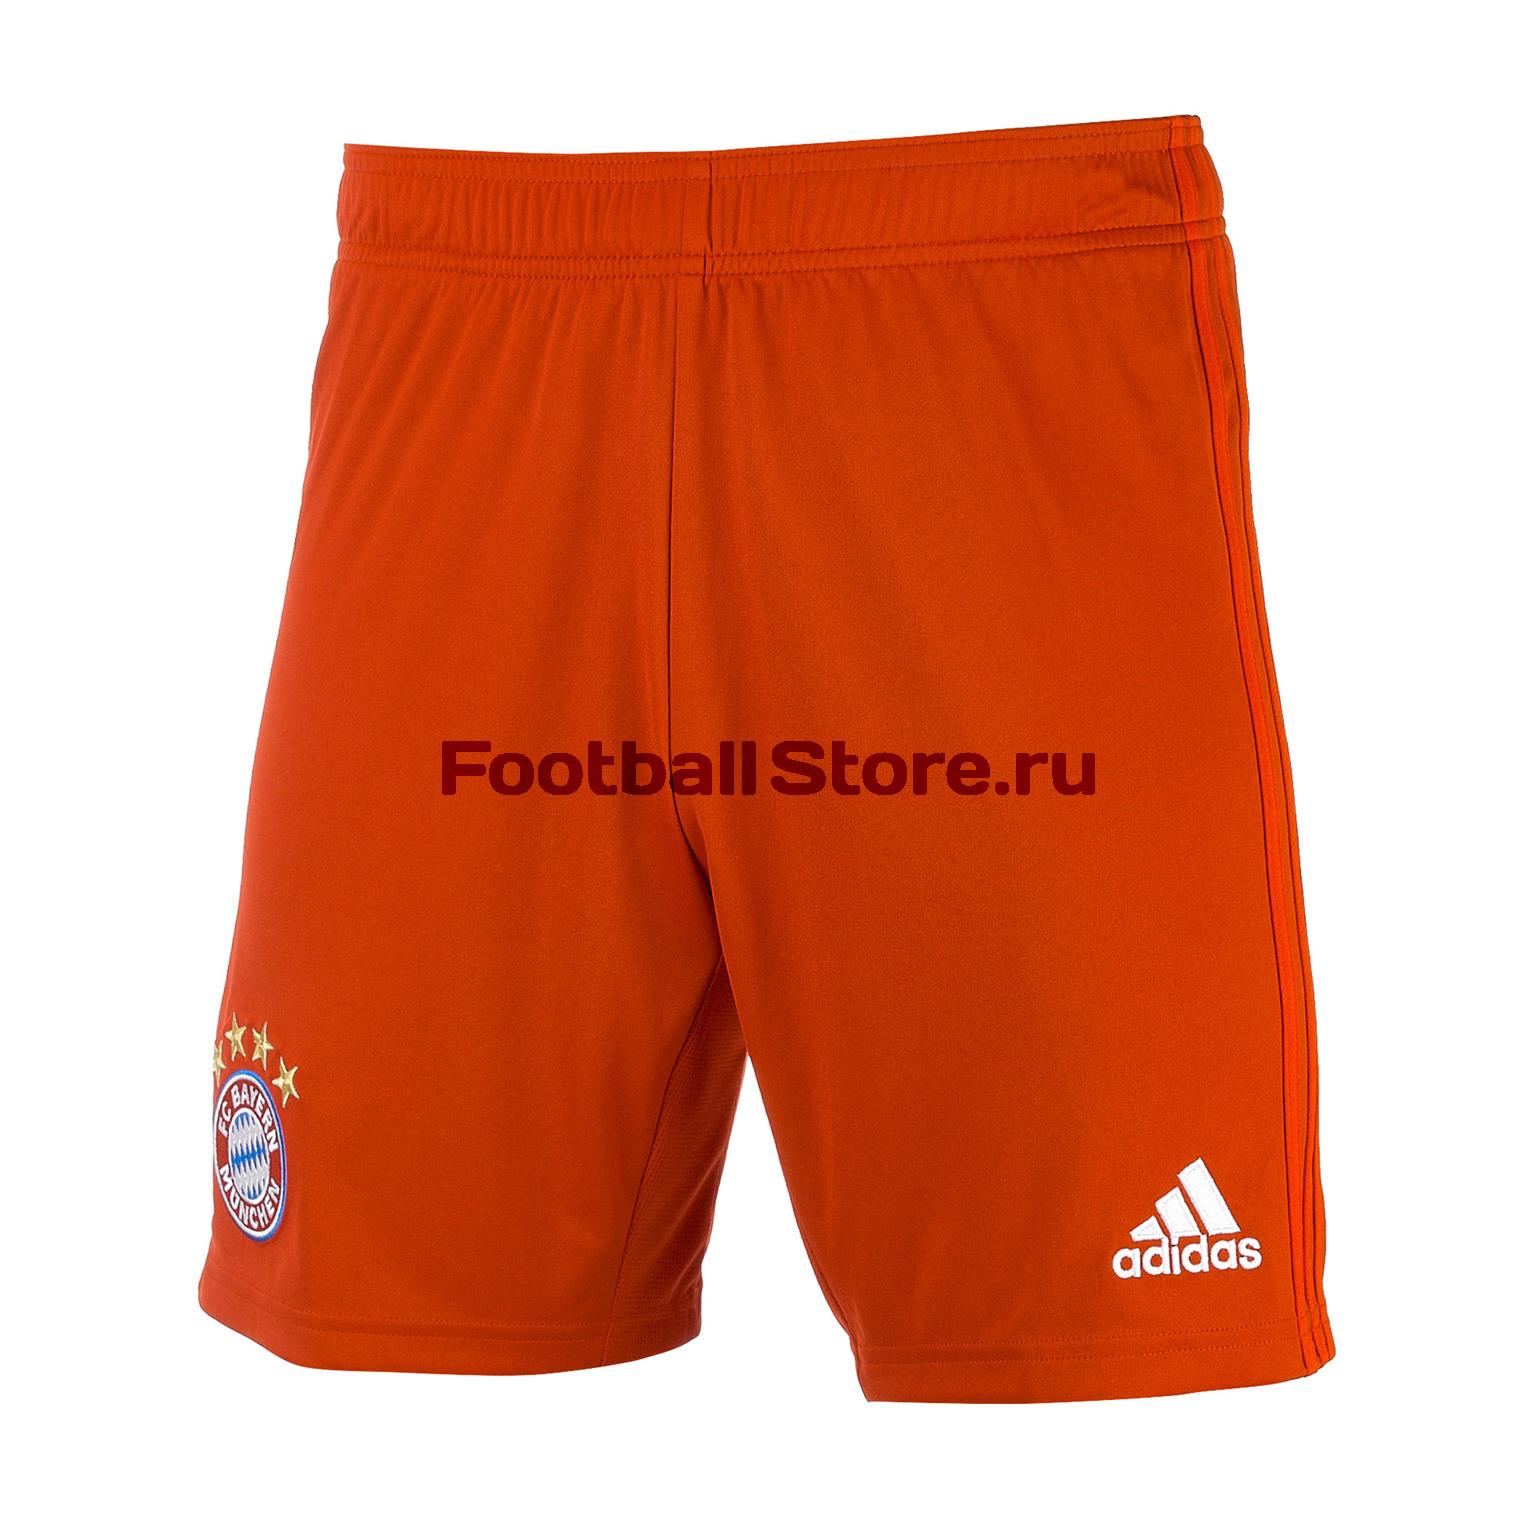 Фото - Шорты домашние Adidas Bayern 2019/20 шорты домашние oysho oysho ix001xw0075y